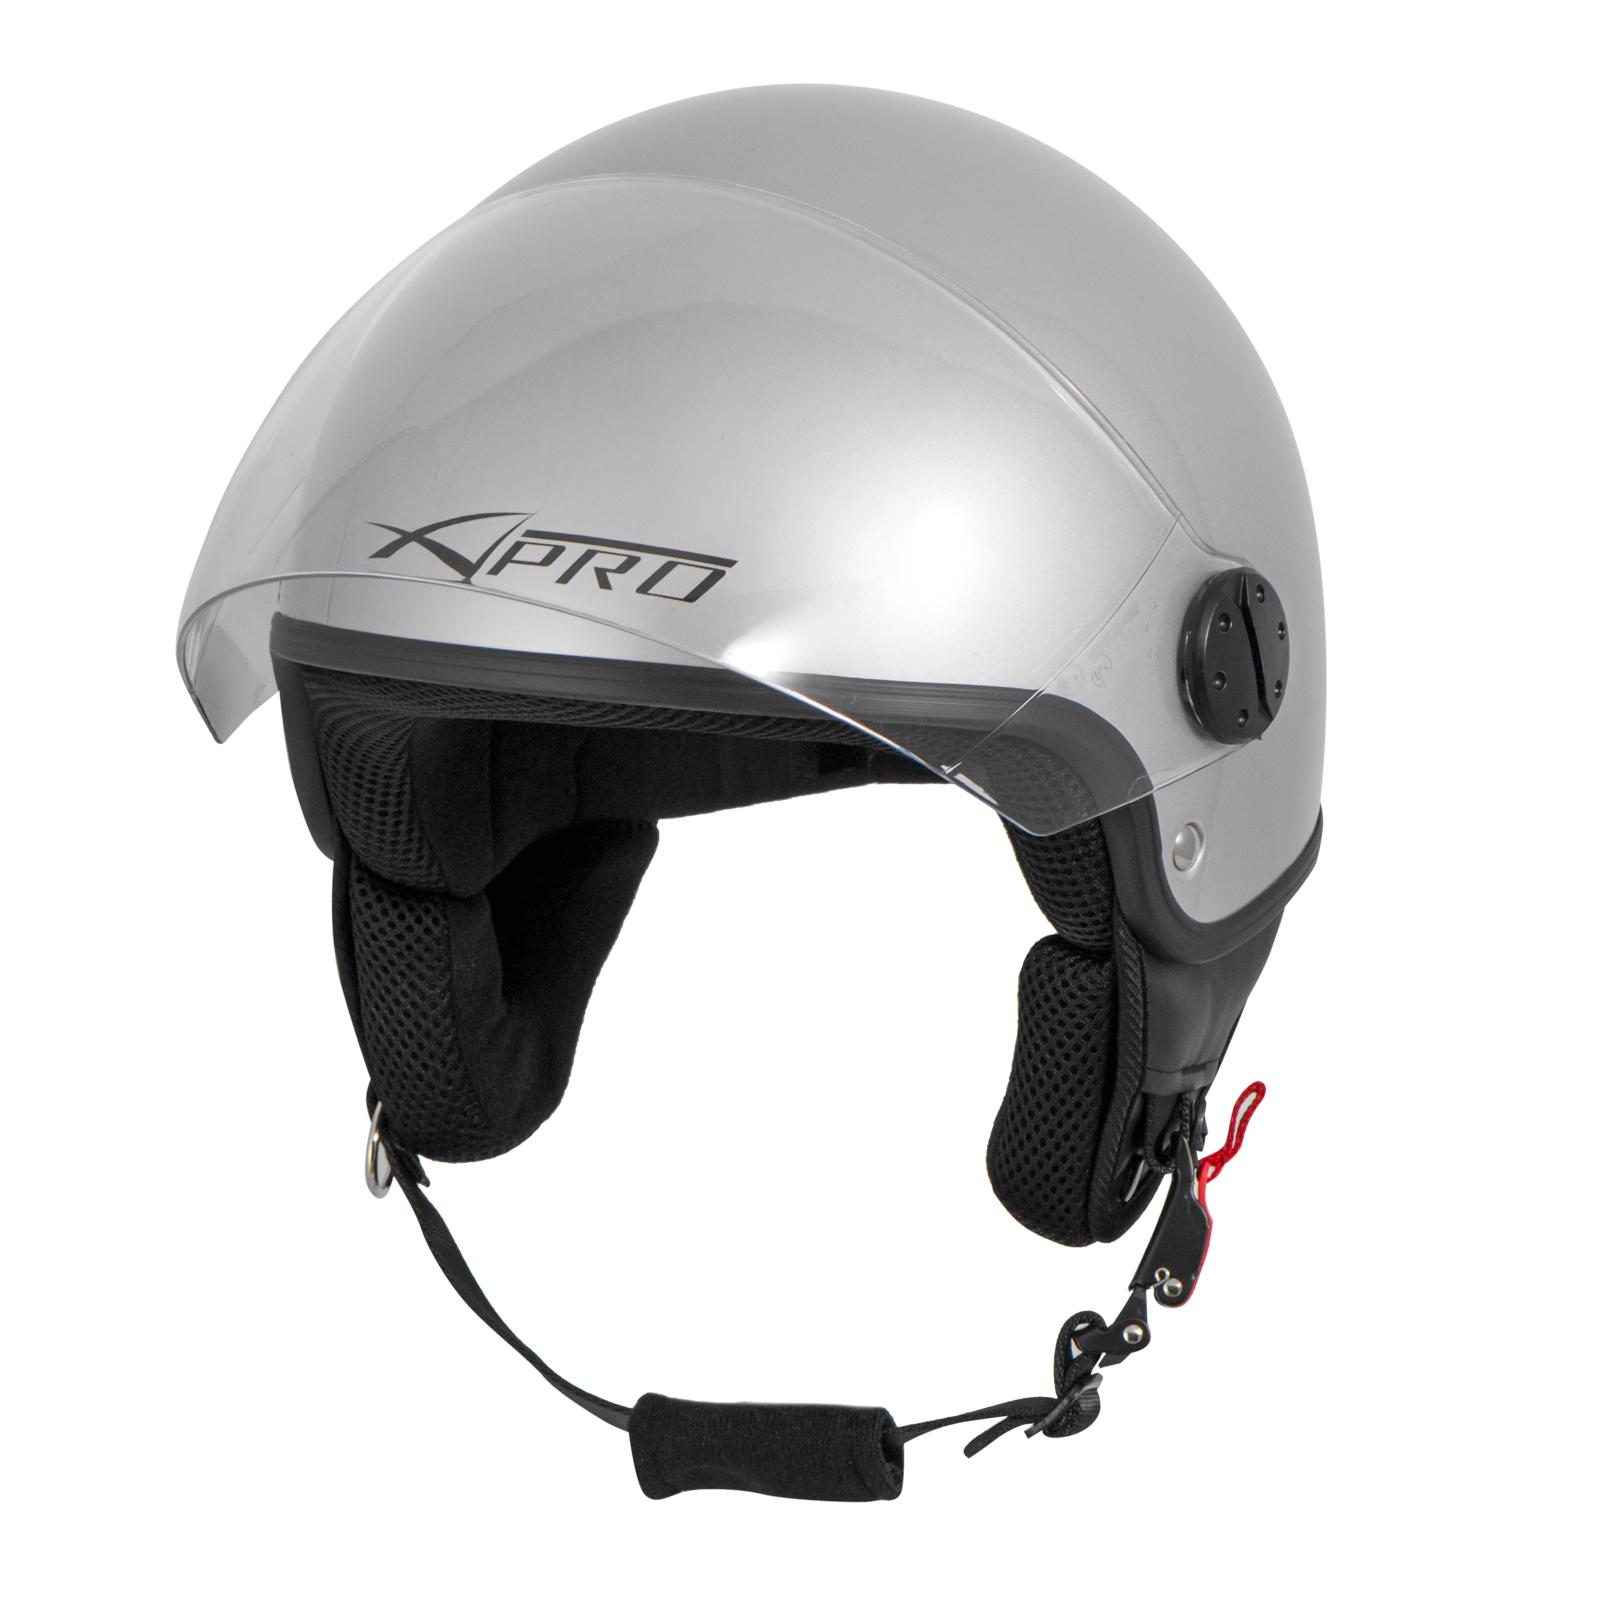 Casco-Jet-Demi-Scooter-Moto-Omologato-ECE-22-Visiera-Antigraffio-Argento